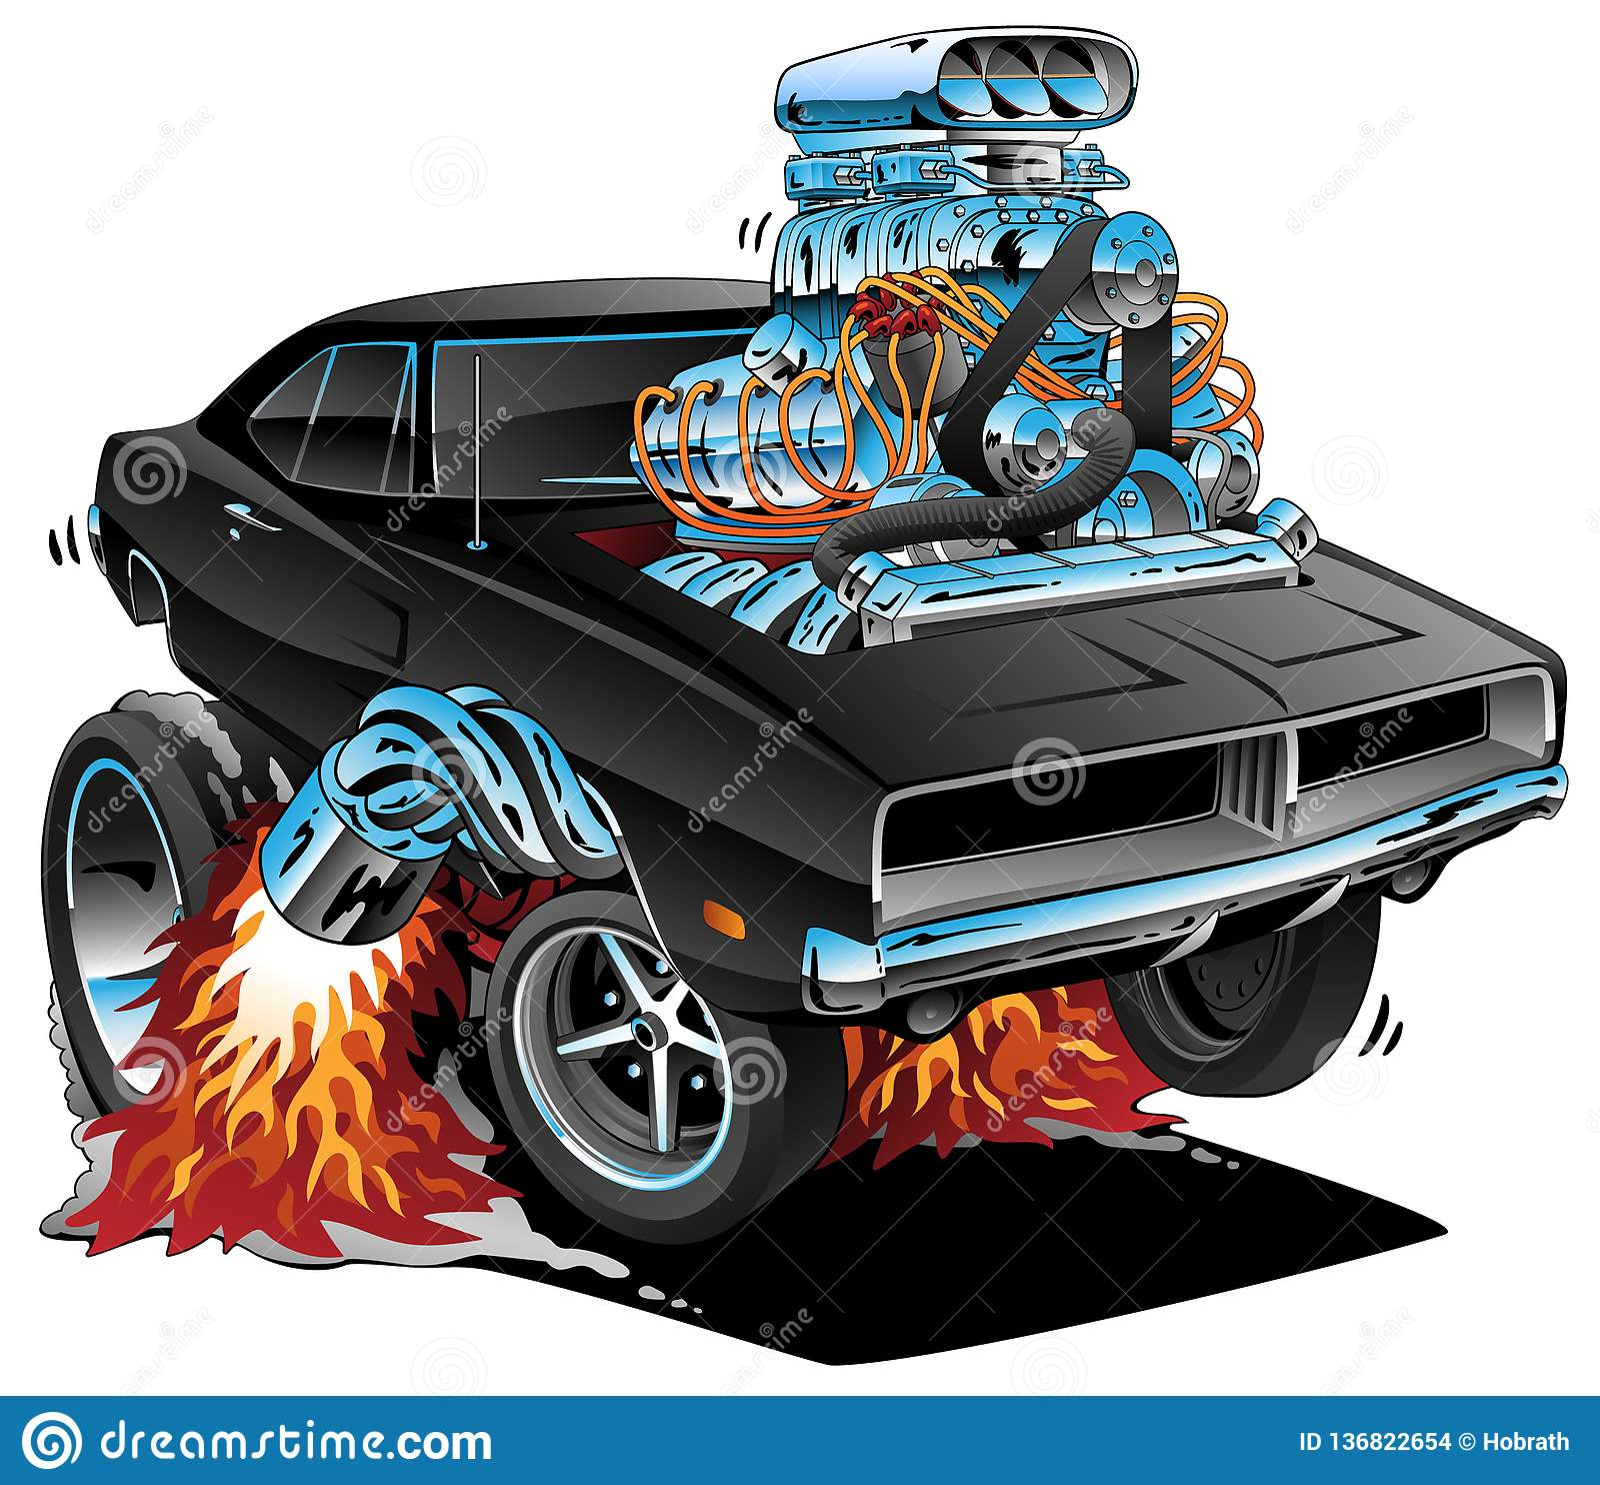 Les années  60 classiques dénomment la voiture américaine de muscle, moteur énorme de Chrome, sautant un Wheelie, illustration de